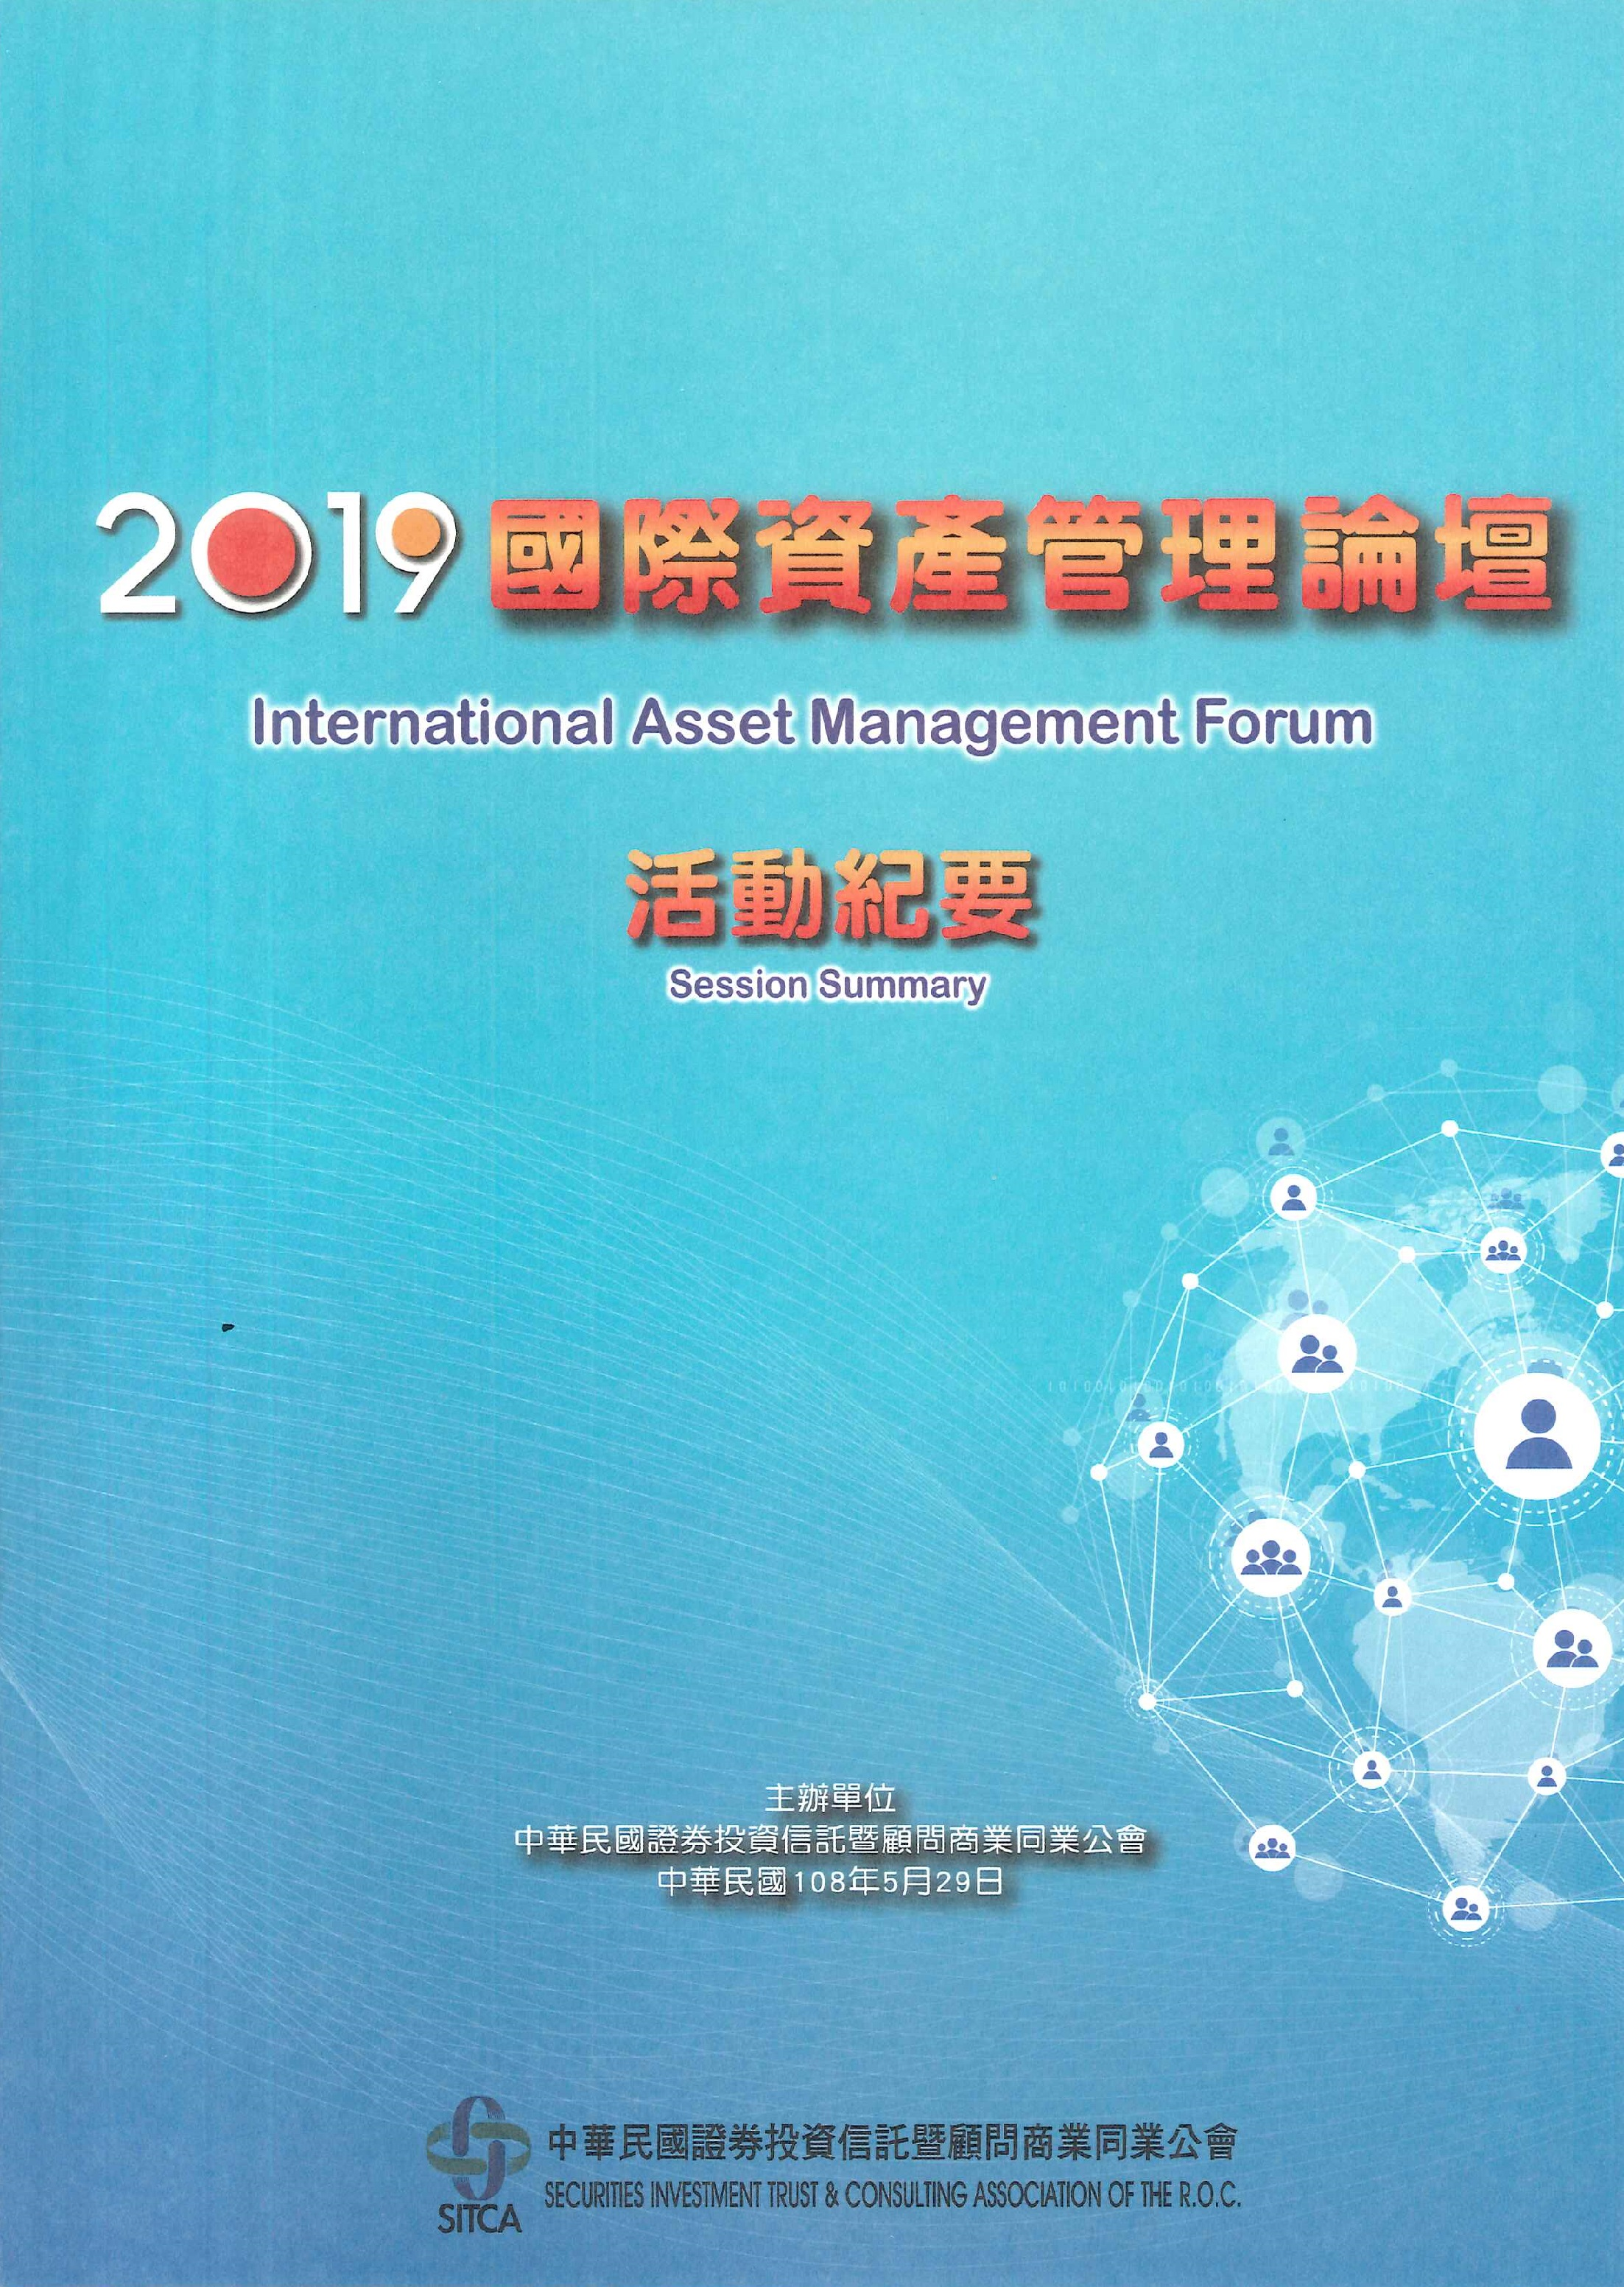 國際資產管理論壇活動紀要